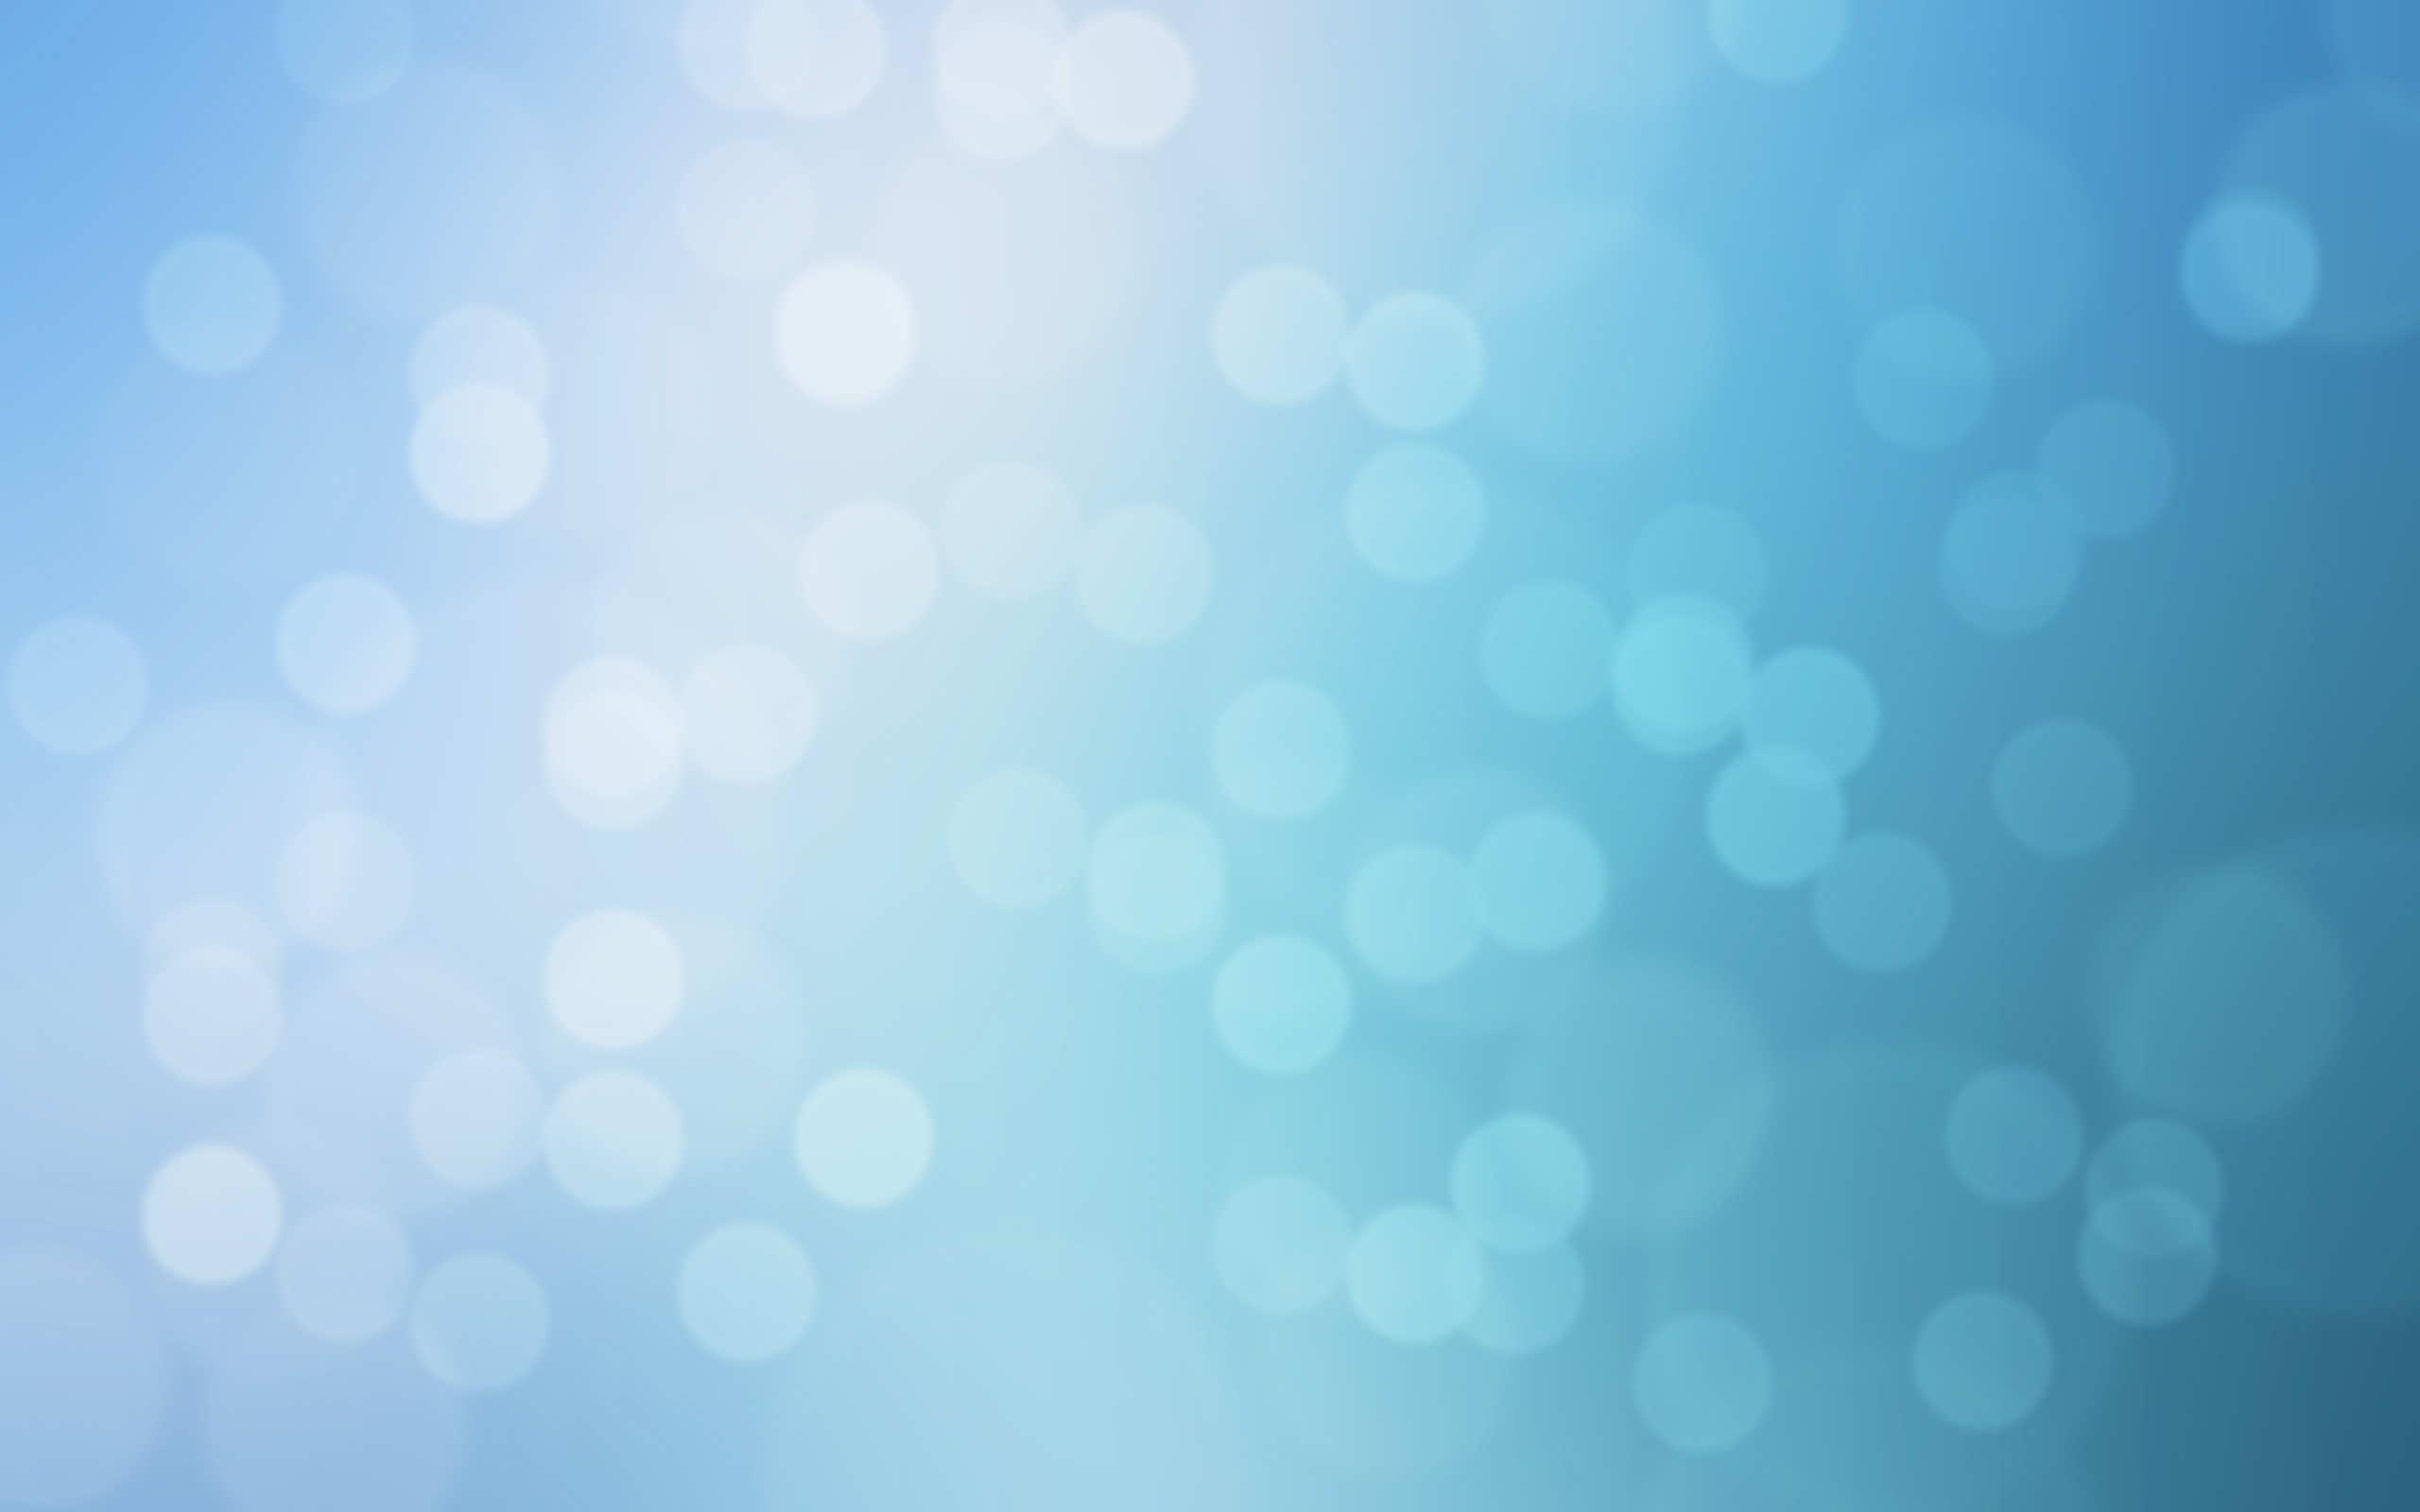 blue wallpaper 18